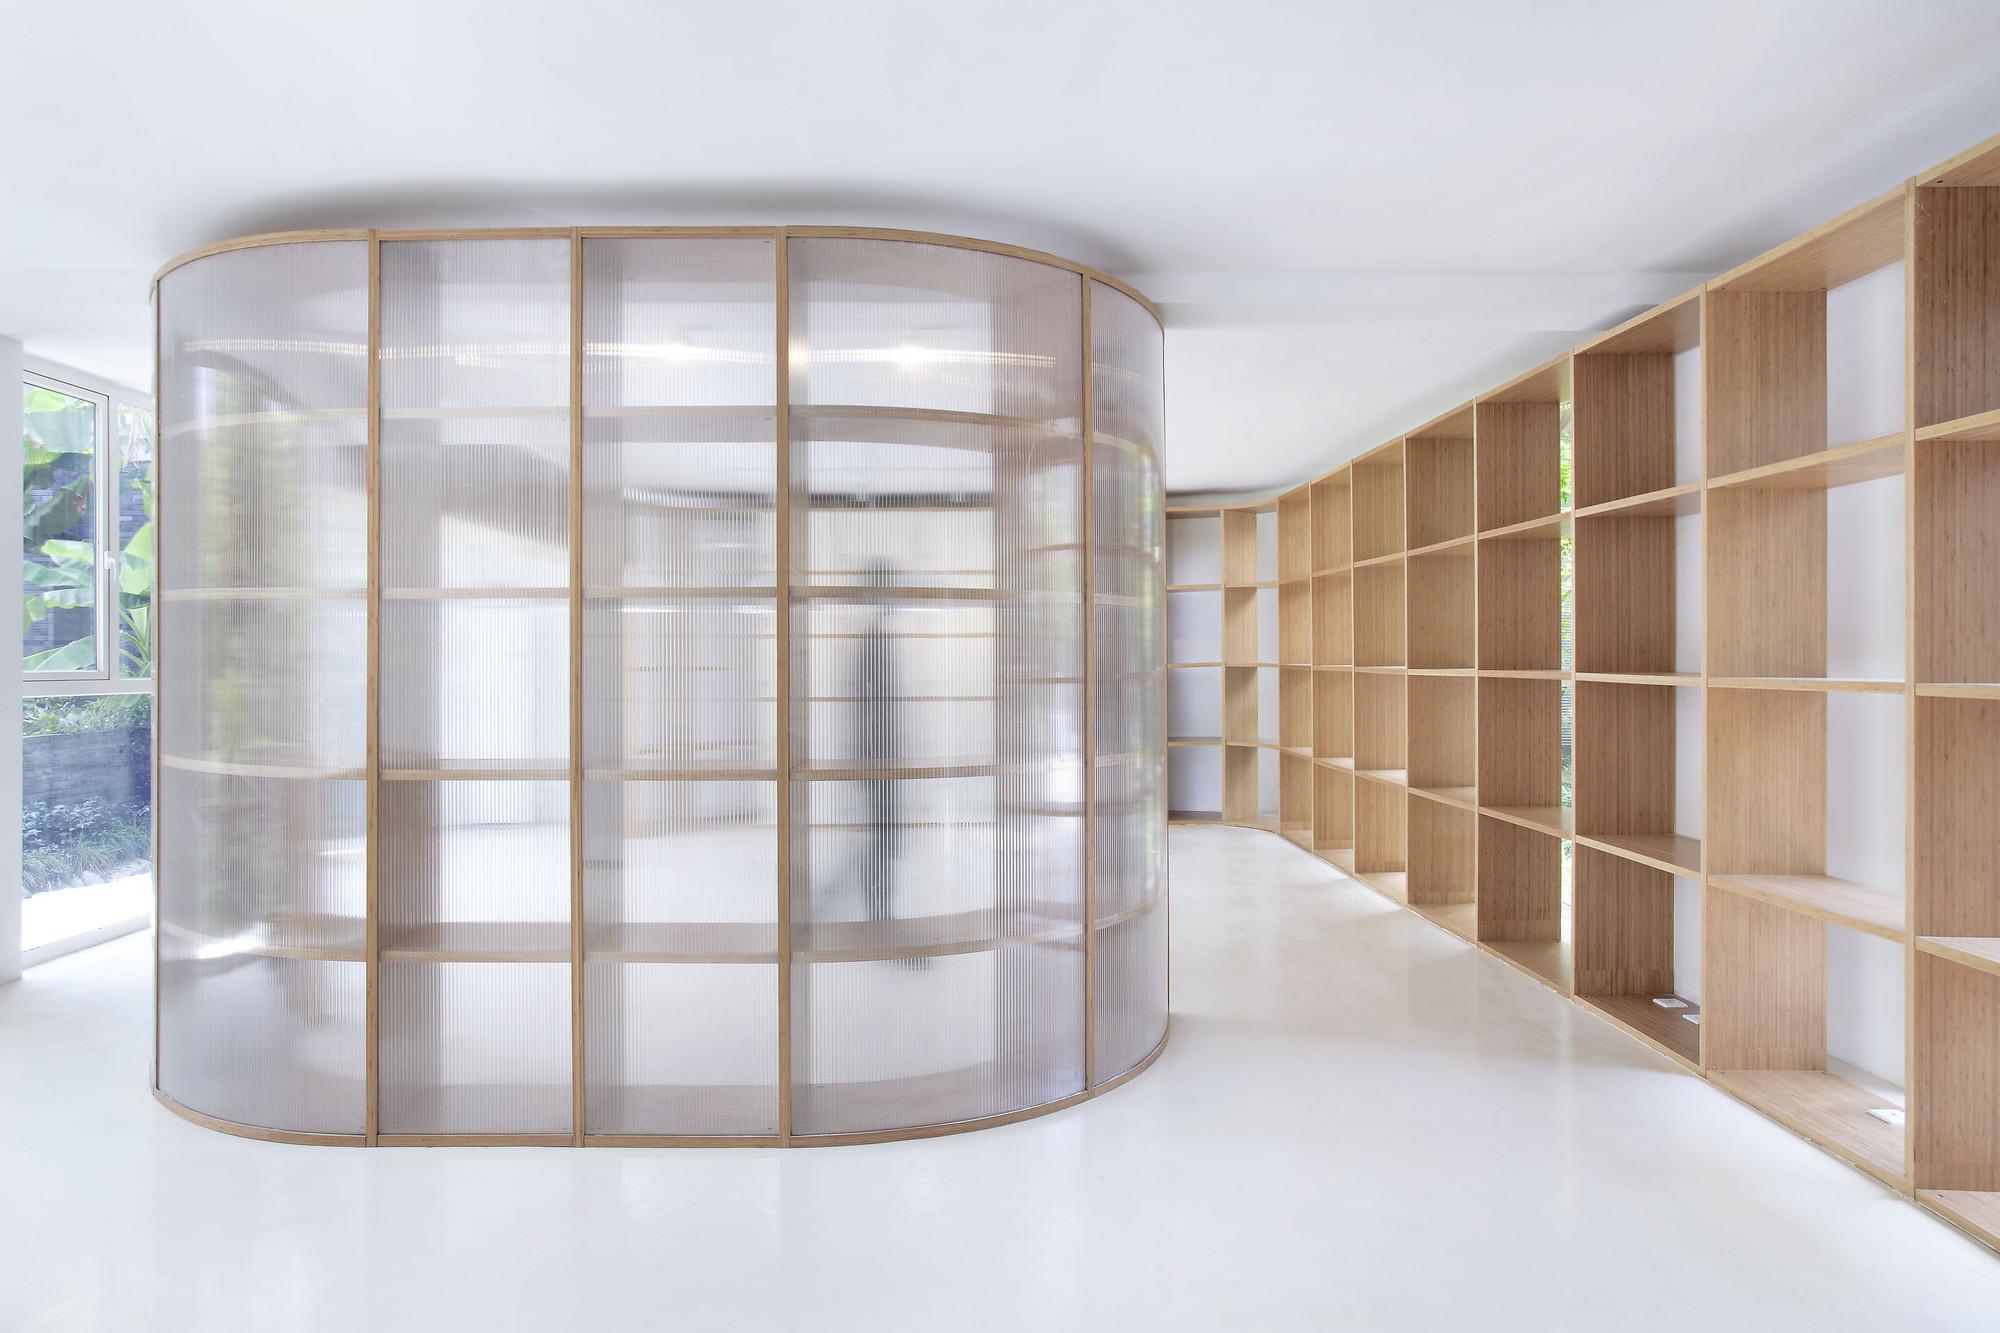 Office Renovation in Hangzhou / Daipu Architects, © Xia zhi